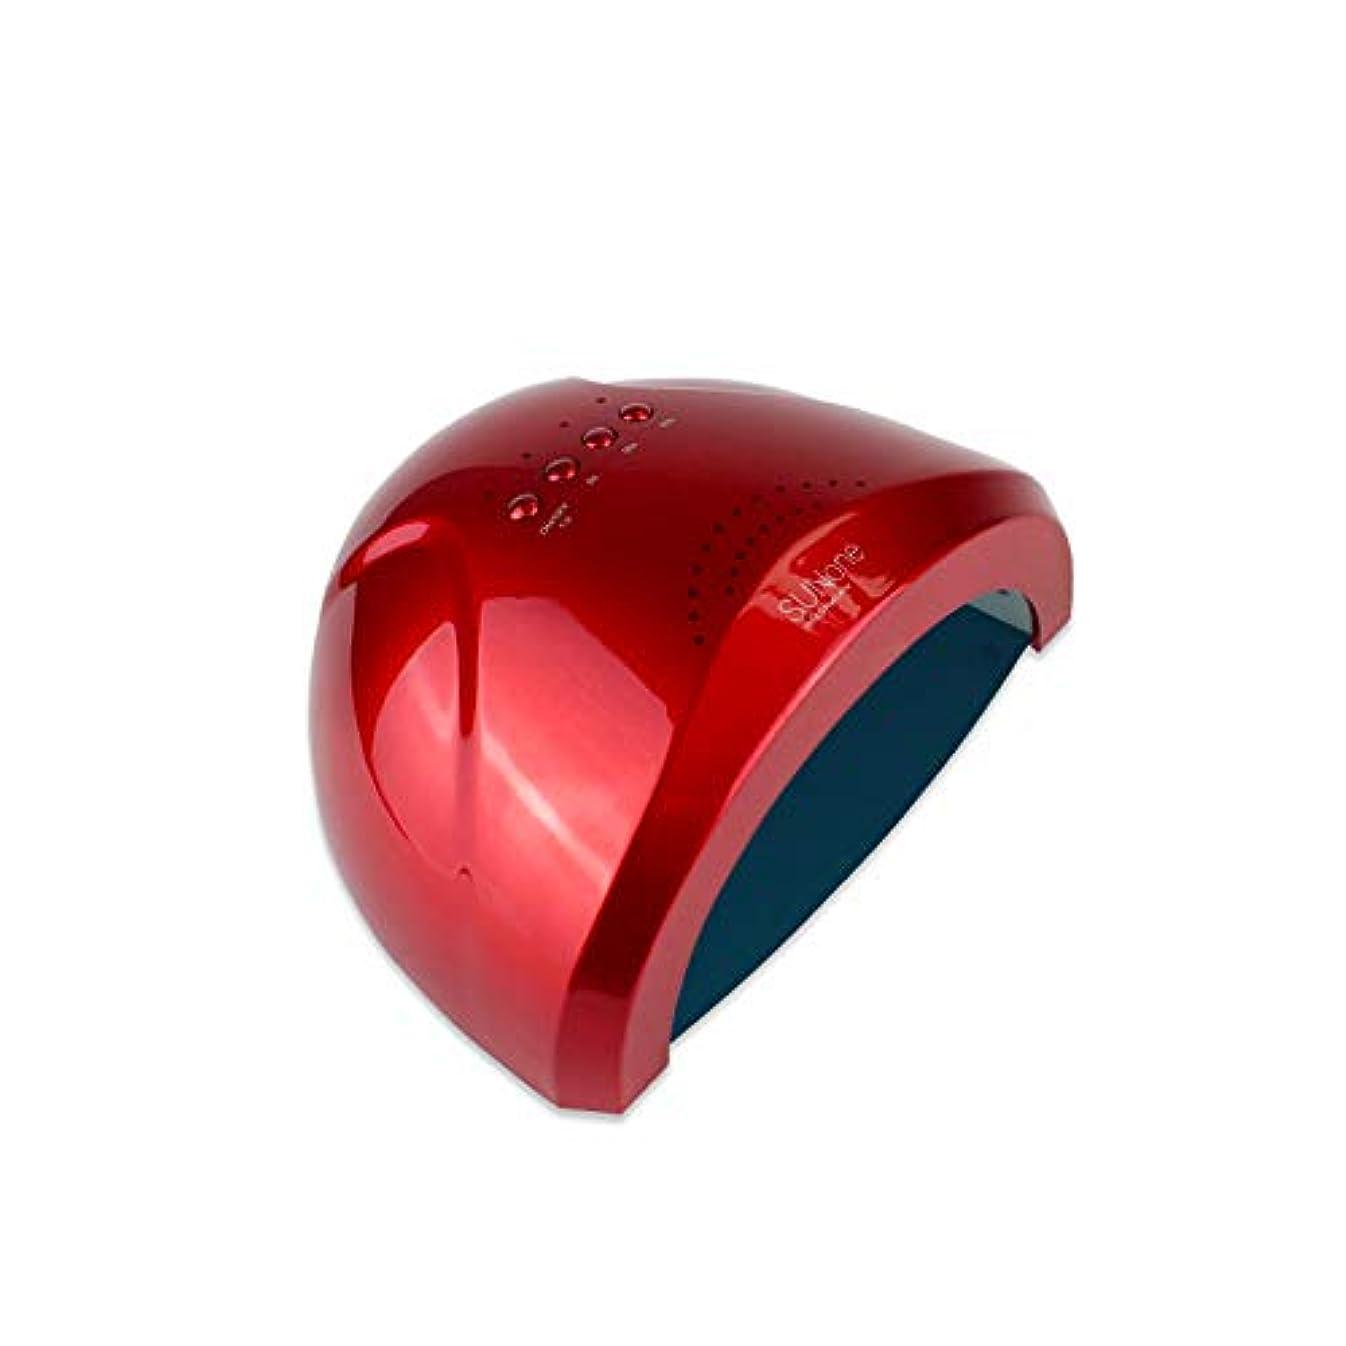 デンプシー代名詞寝室LEDネイル光線療法機、ホームインテリジェントセンサー多機能リムーバブルネイルキュアマシン、デュアルソースネイルポリッシャー、ホテル/家族/ホテルに適しています